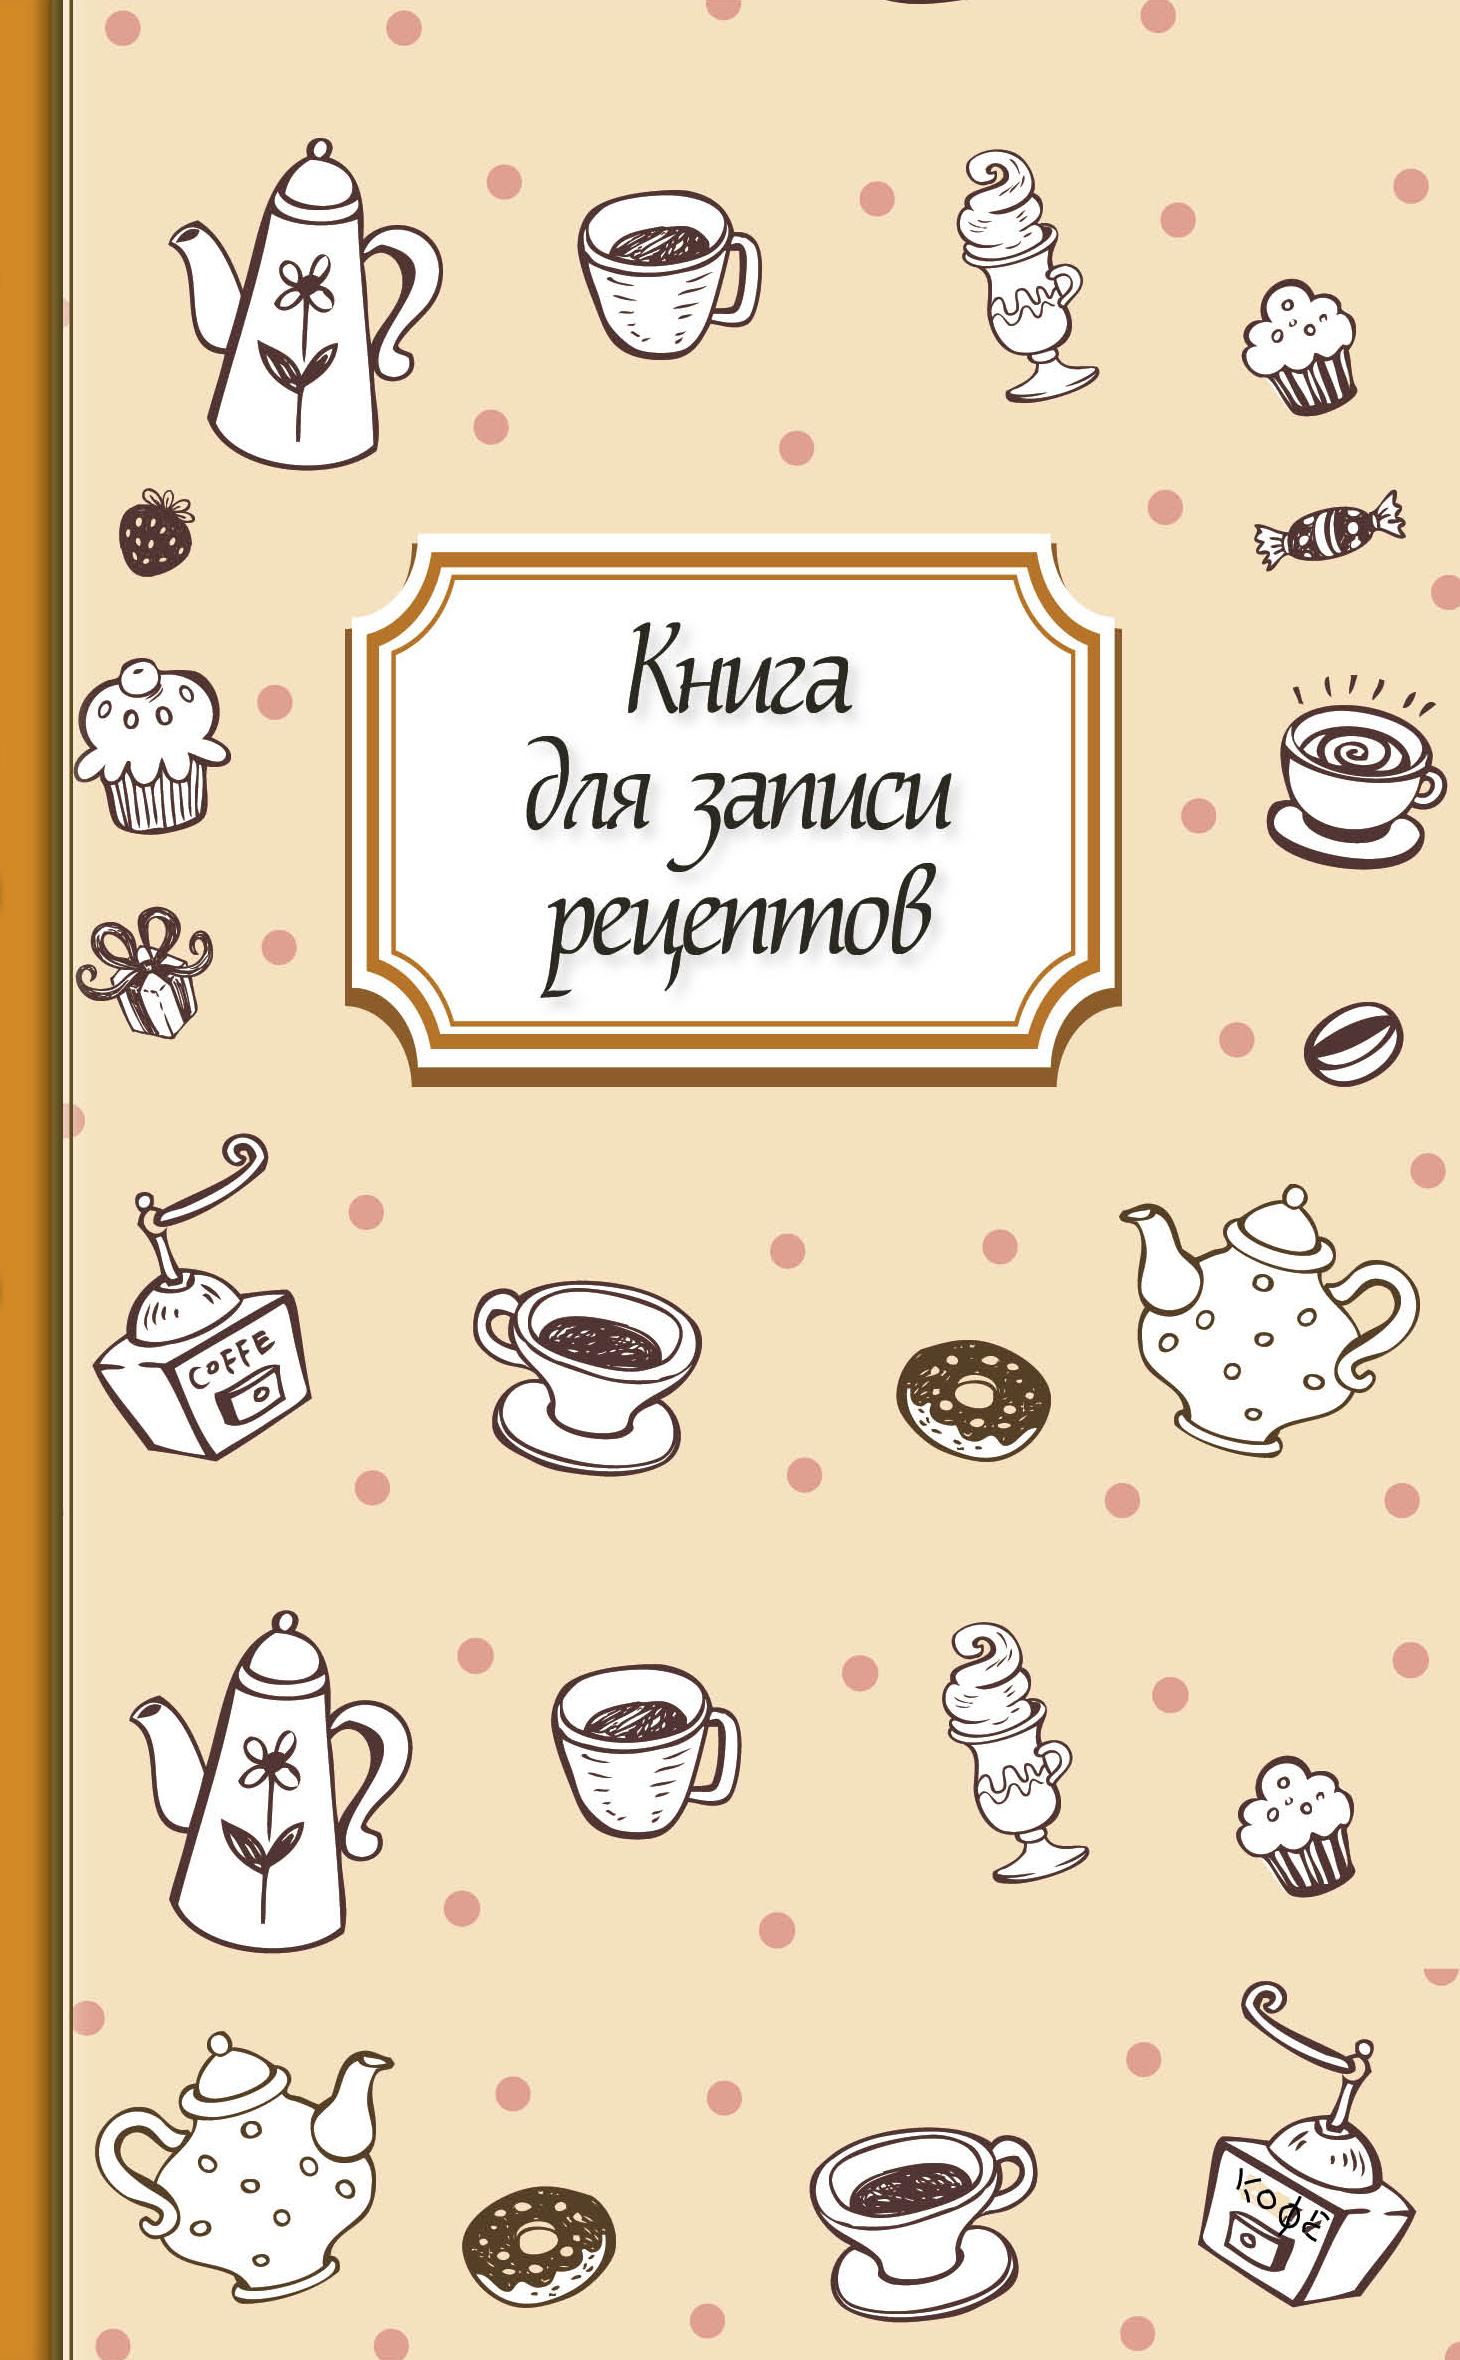 Книга для записи рецептов (кофе) отсутствует книга для записи рецептов